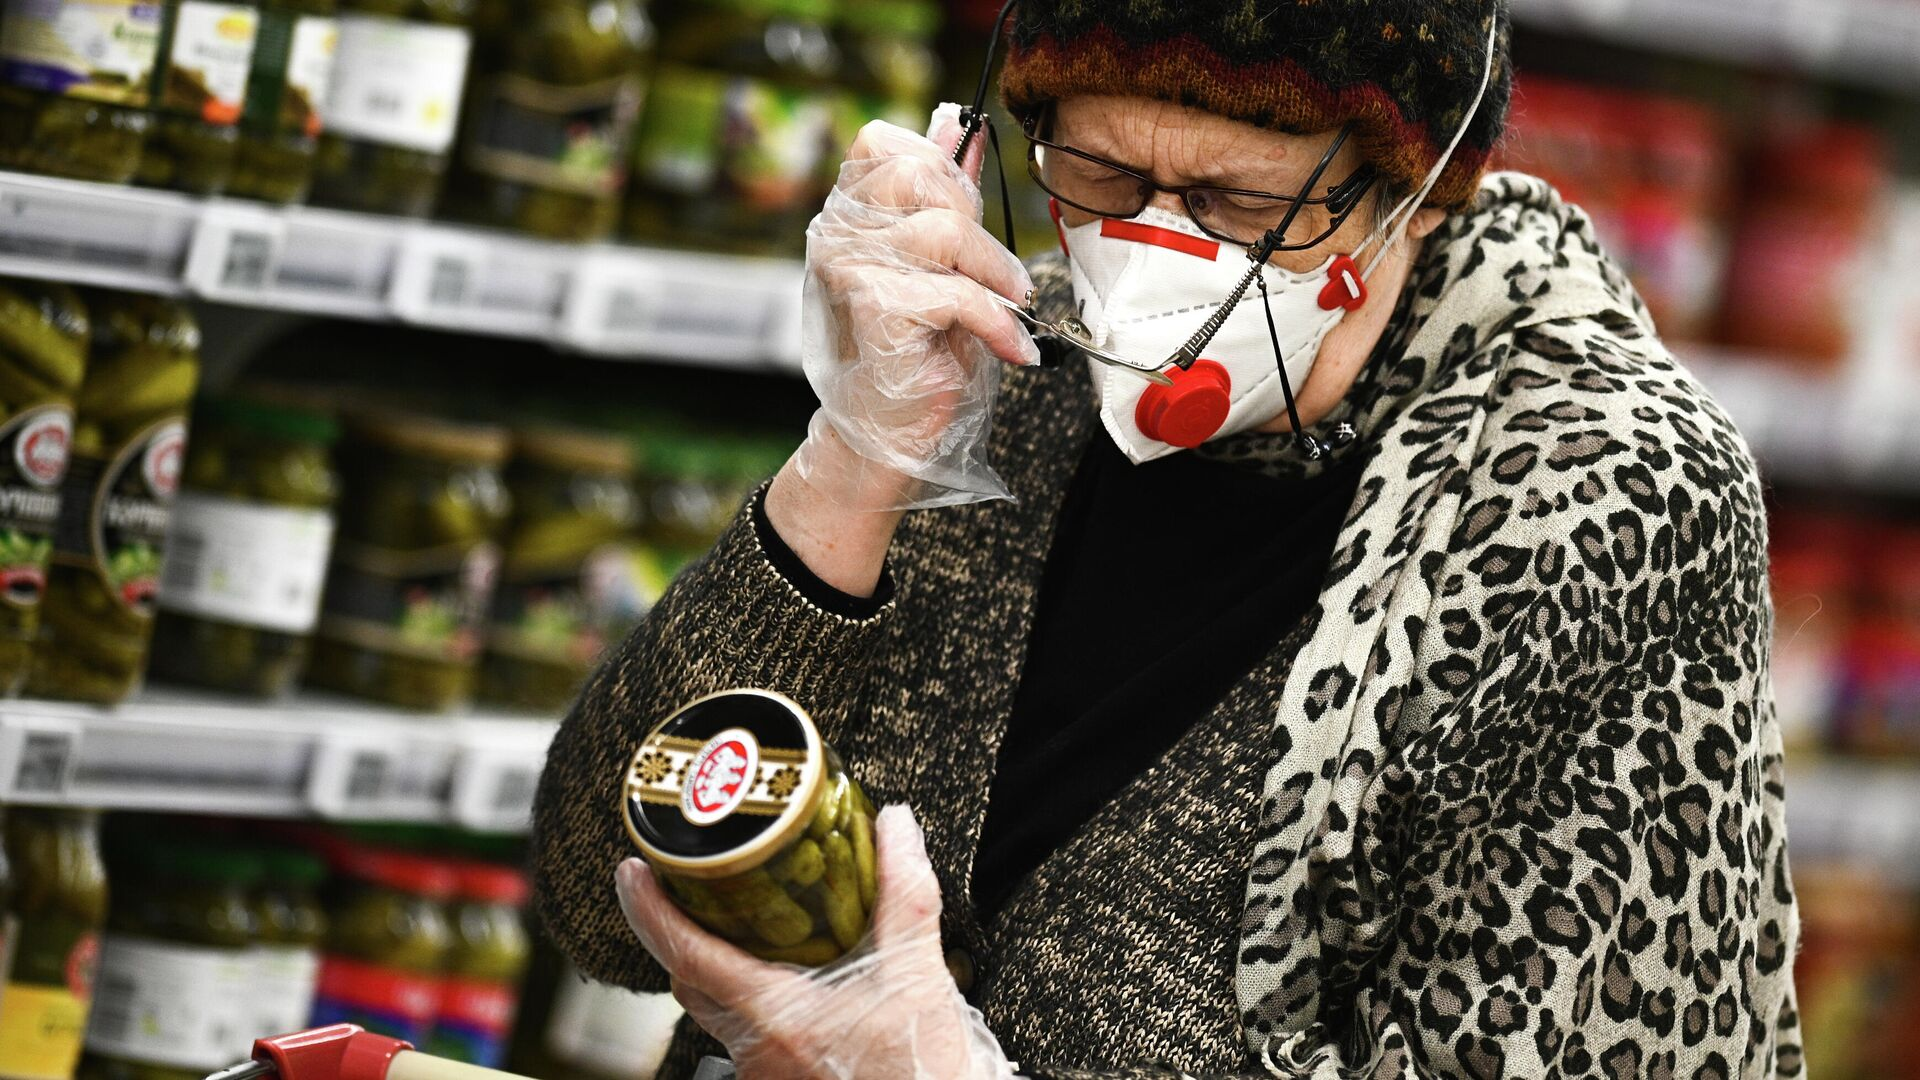 Покупатель выбирает маринованные огурцы в гипермаркете Ашан - РИА Новости, 1920, 05.03.2021